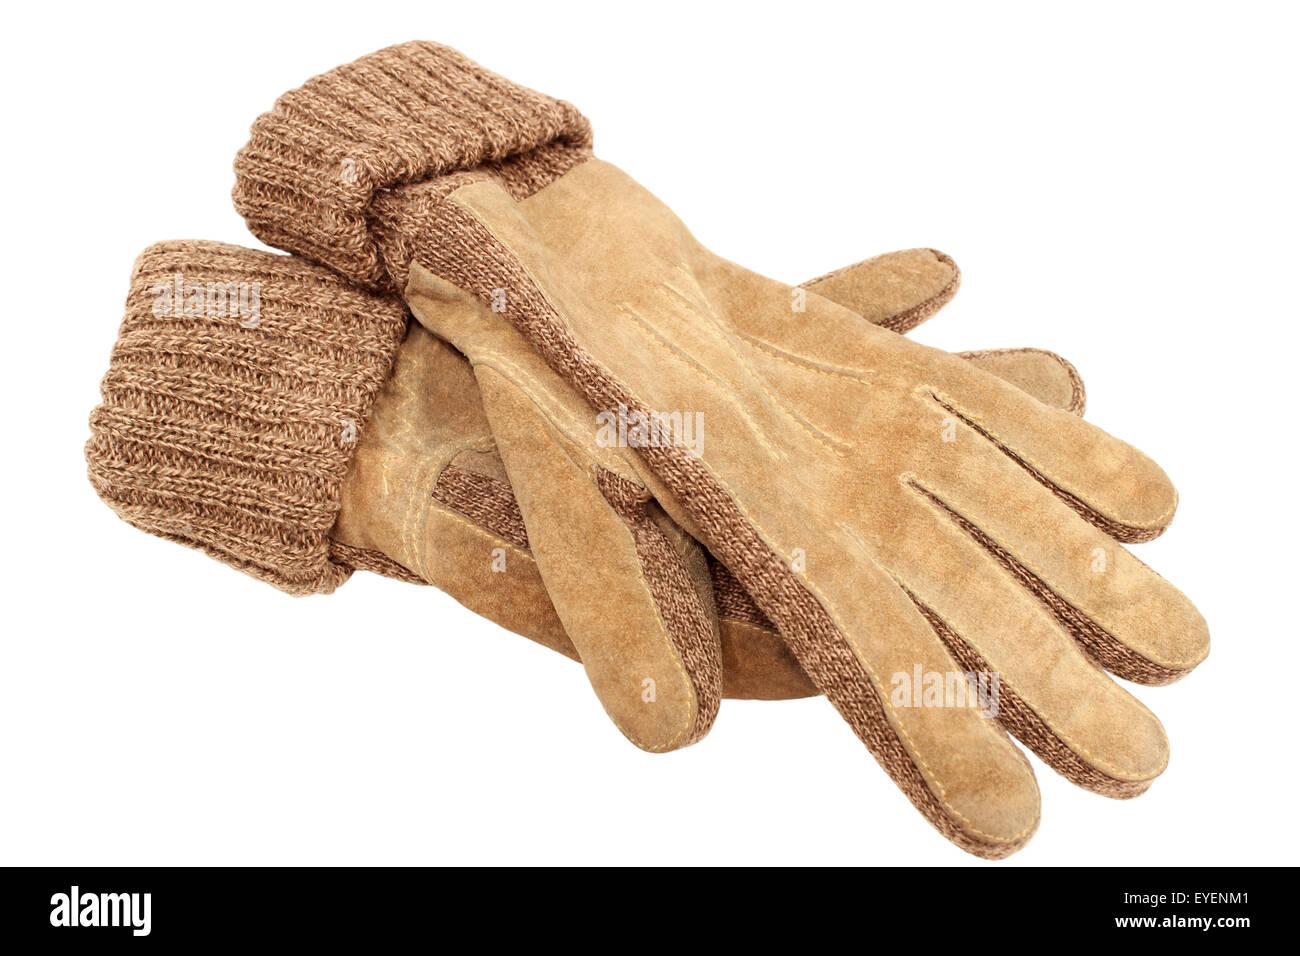 Handschuhe aus Wildleder mit gestrickter Wolle Bündchen isolierten auf weißen Hintergrund. Stockbild